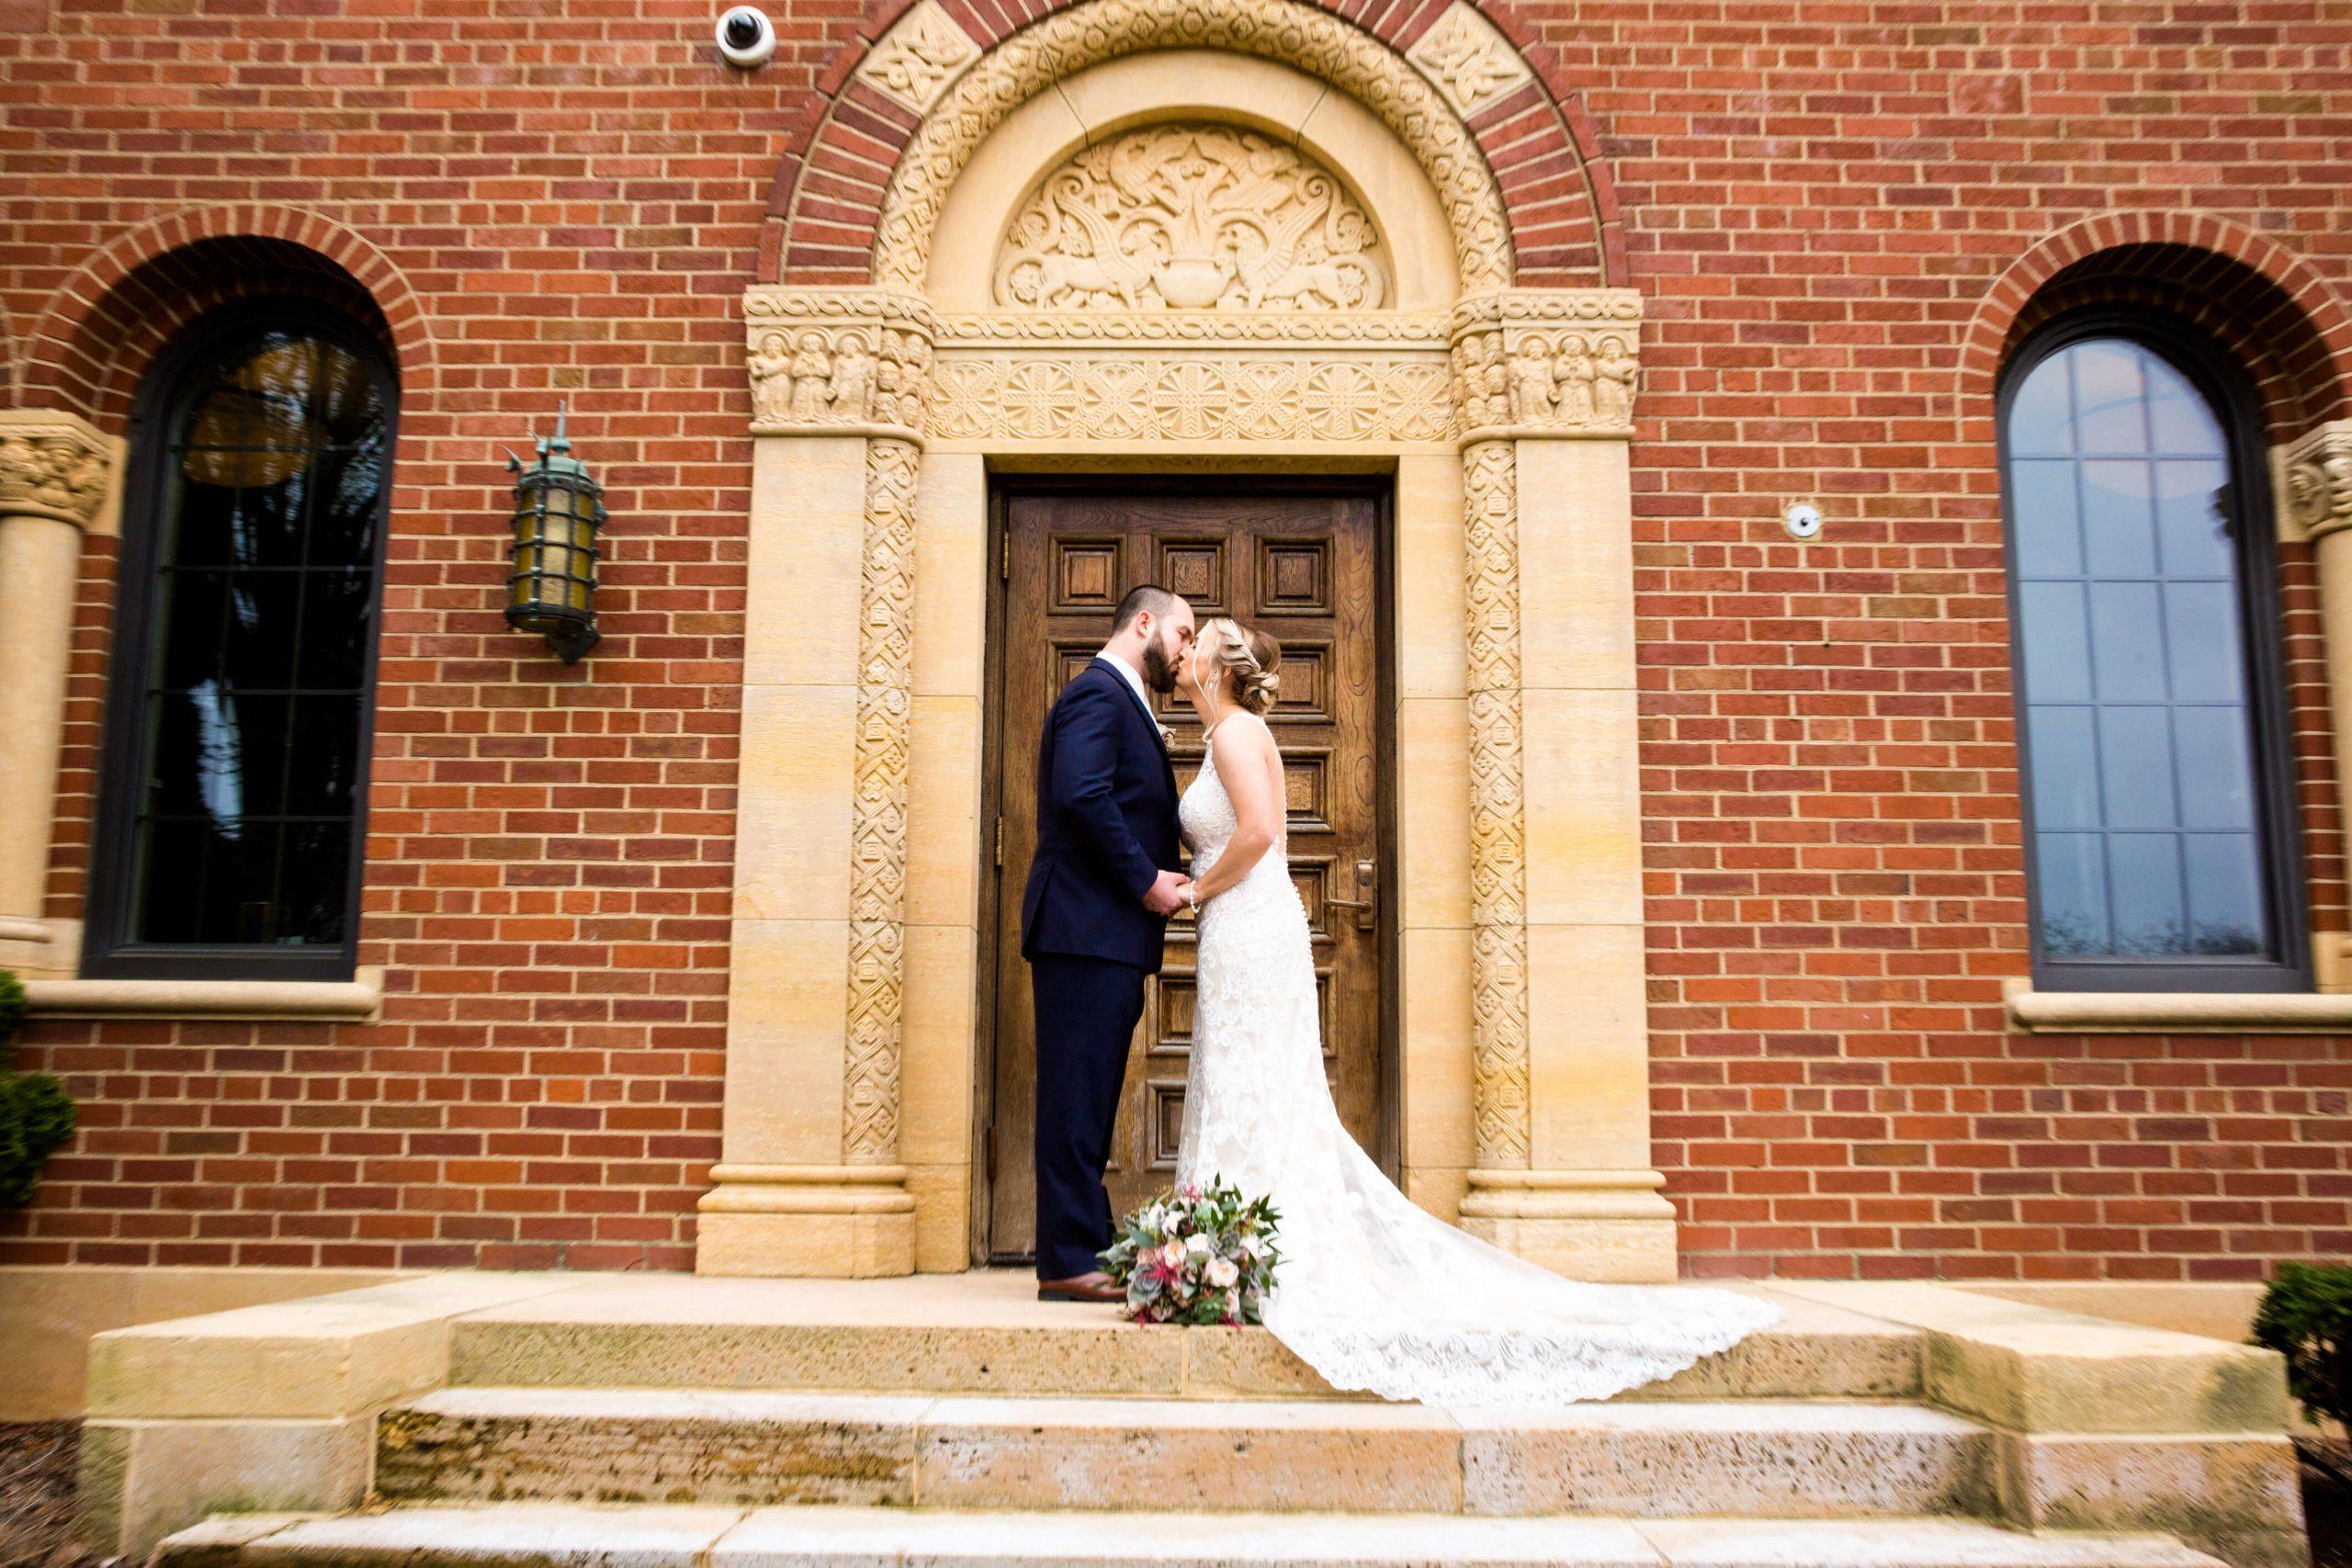 bride and groom kissing outside inn at st. john's